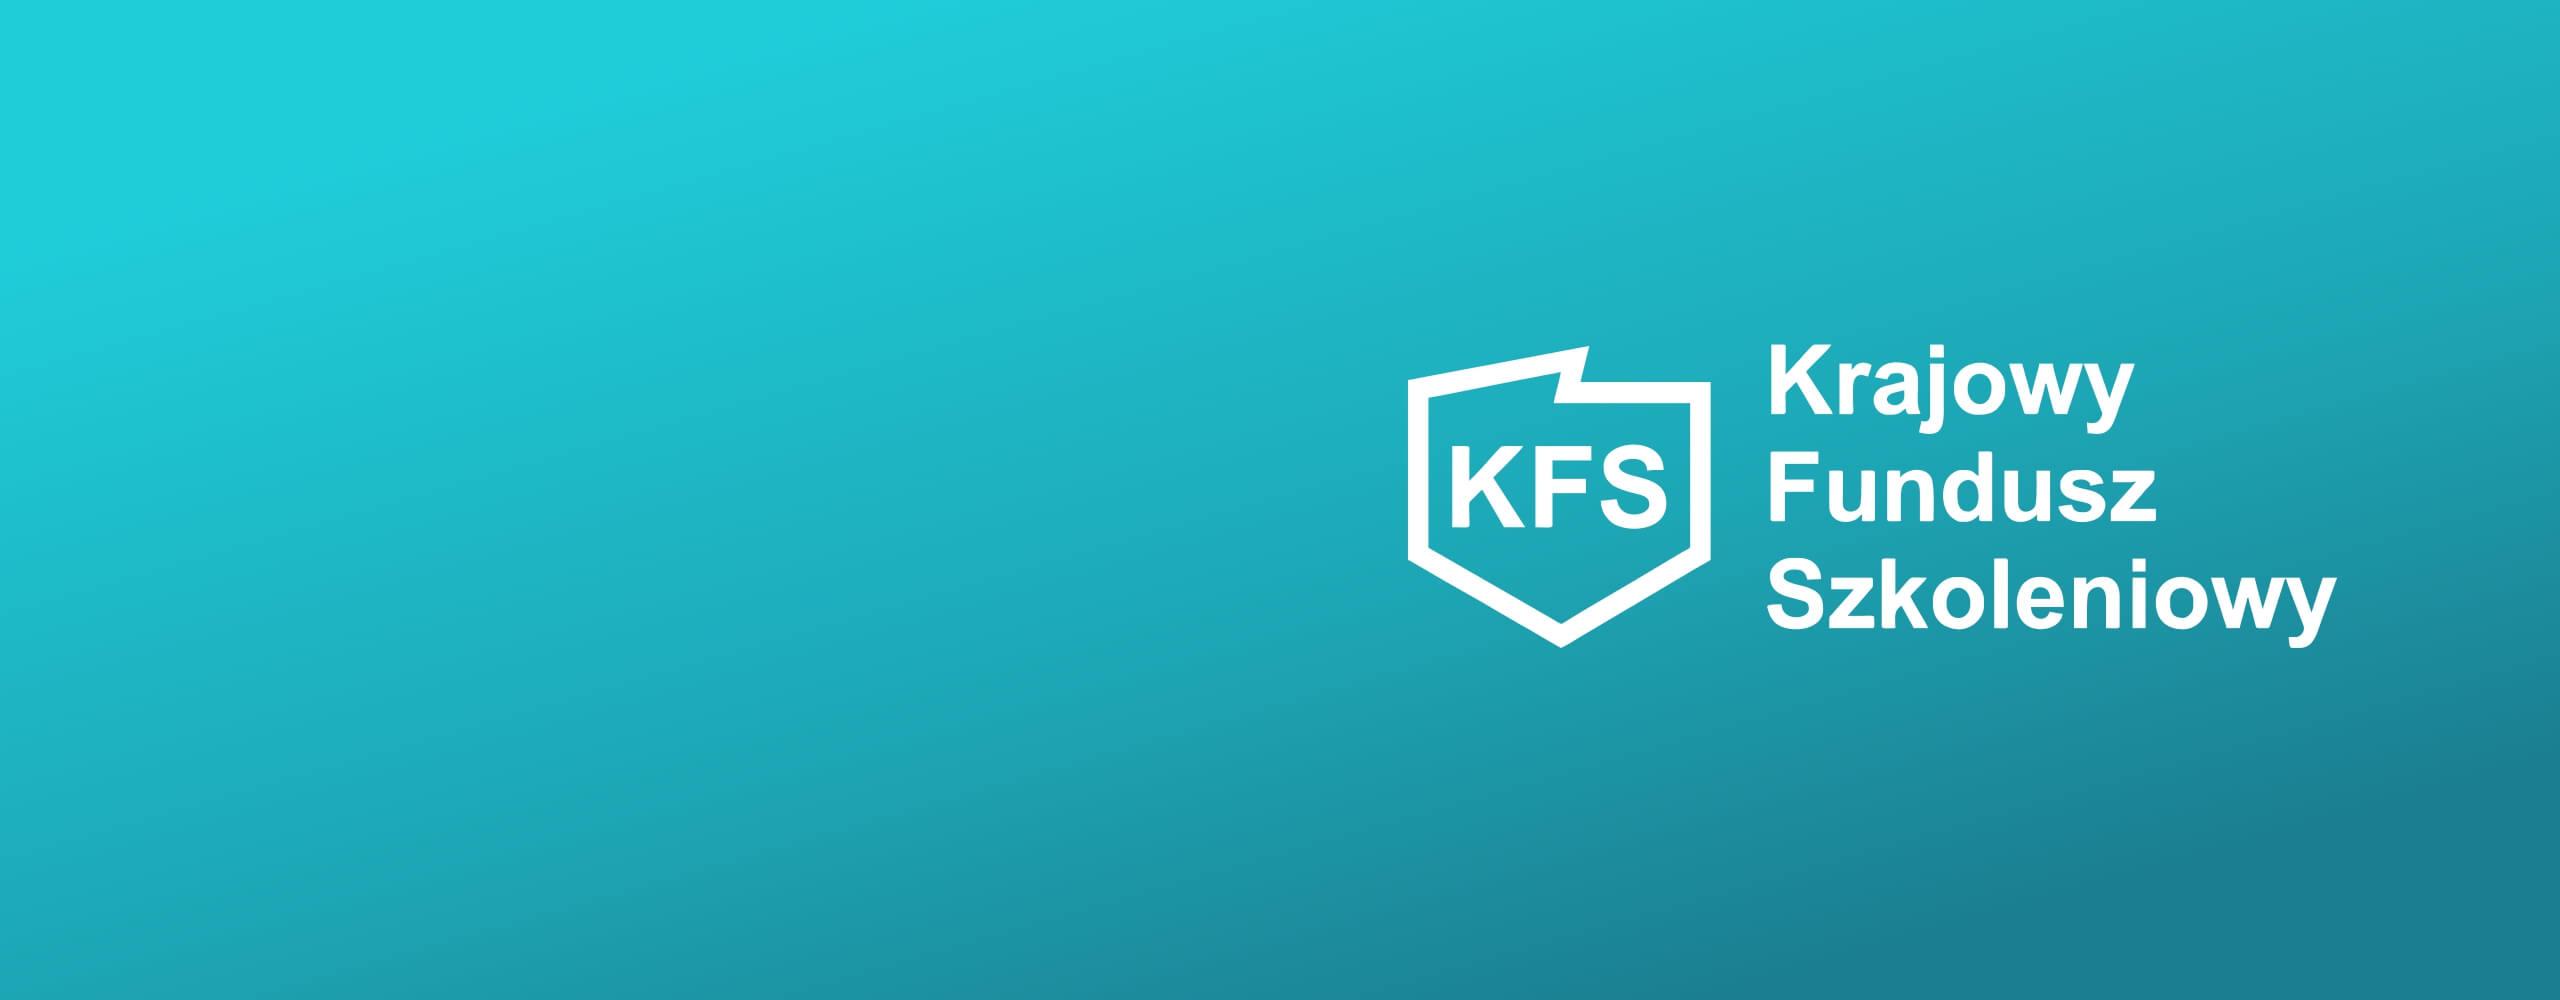 Banner_KFS (1)